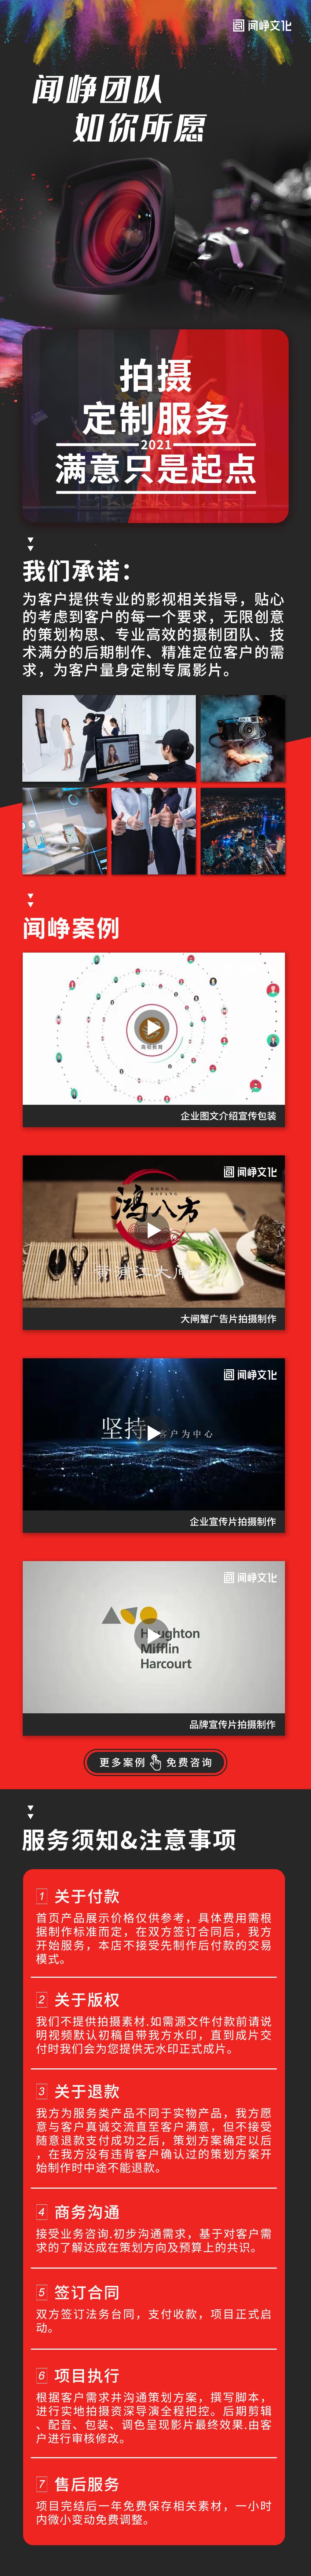 _企业宣传片产品广告短视频剪辑微电影产品拍摄形象品牌形象TVC1